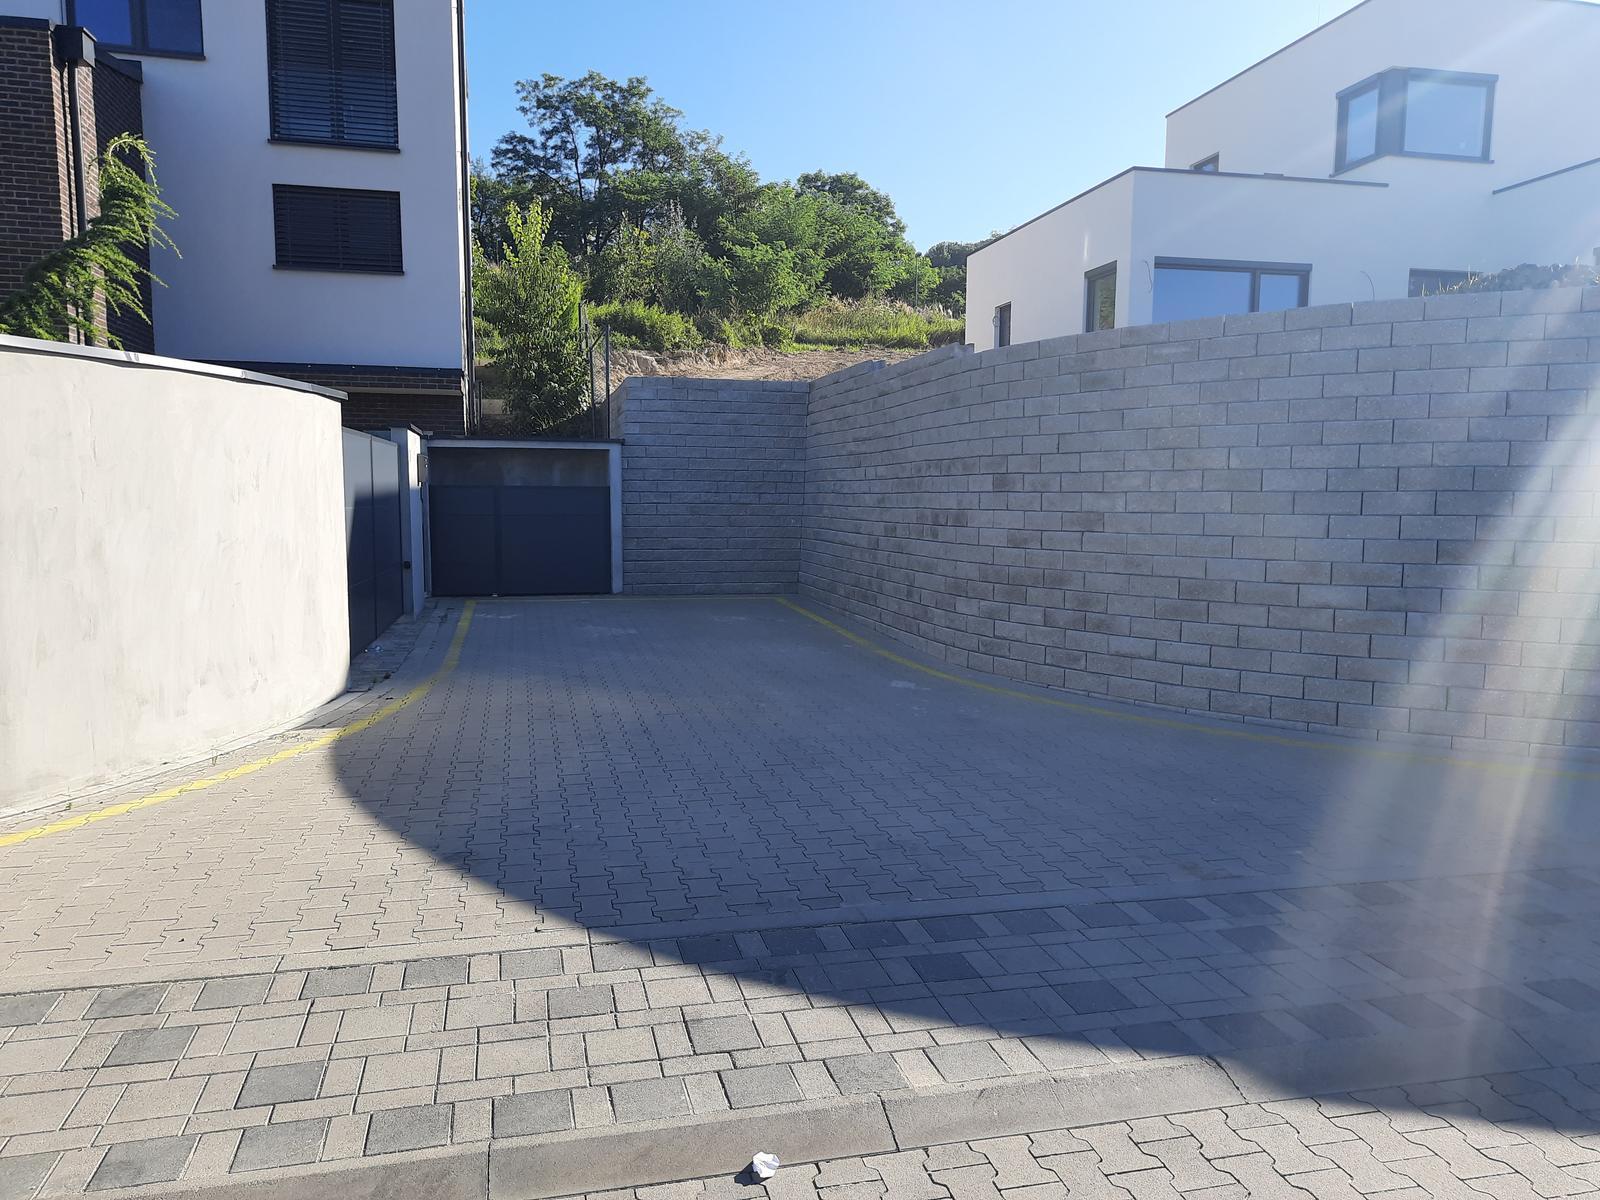 17. Oporný múr s vystuženou zeminou v zásype, z malých betónových tvaroviek so štiepaným čelom ( vytvorené 17.8.2020, aktualizované 21.8.2020 ) - 10. Úplne uzatvorenie prístupu na pozemok, kút 90°.